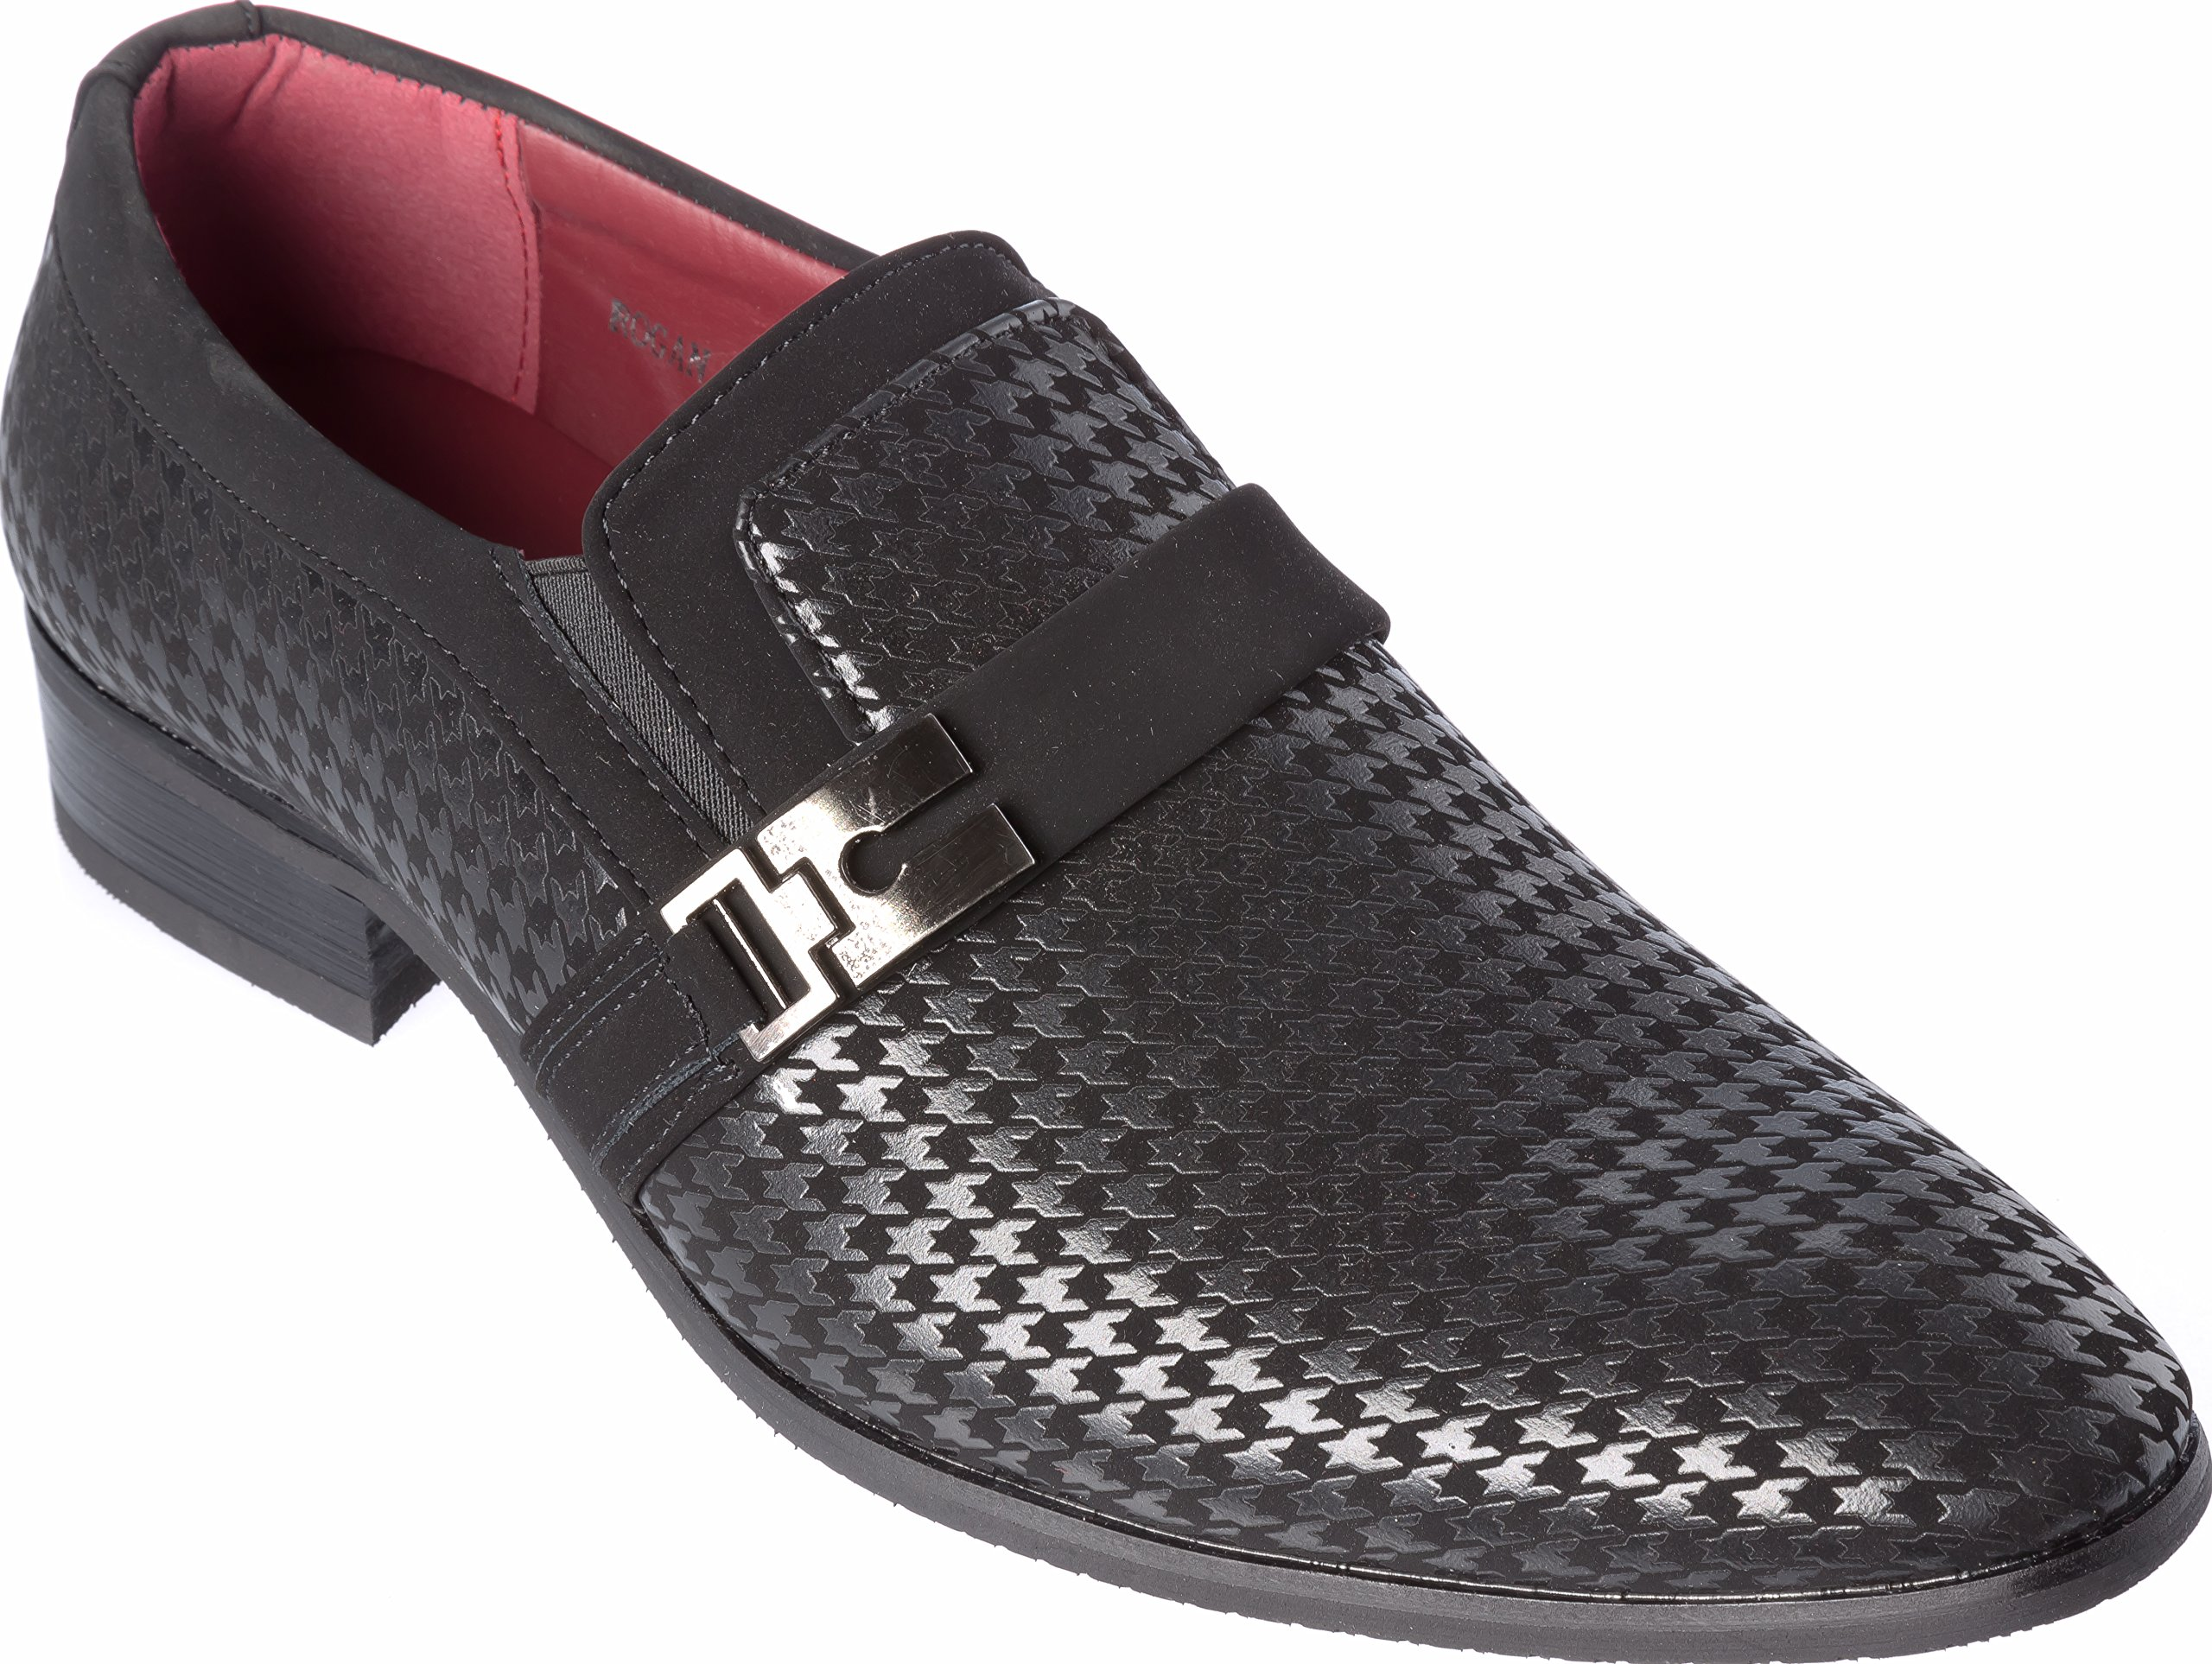 Mens Slip-On Fashion-Loafer Black Shoes Size 10.5